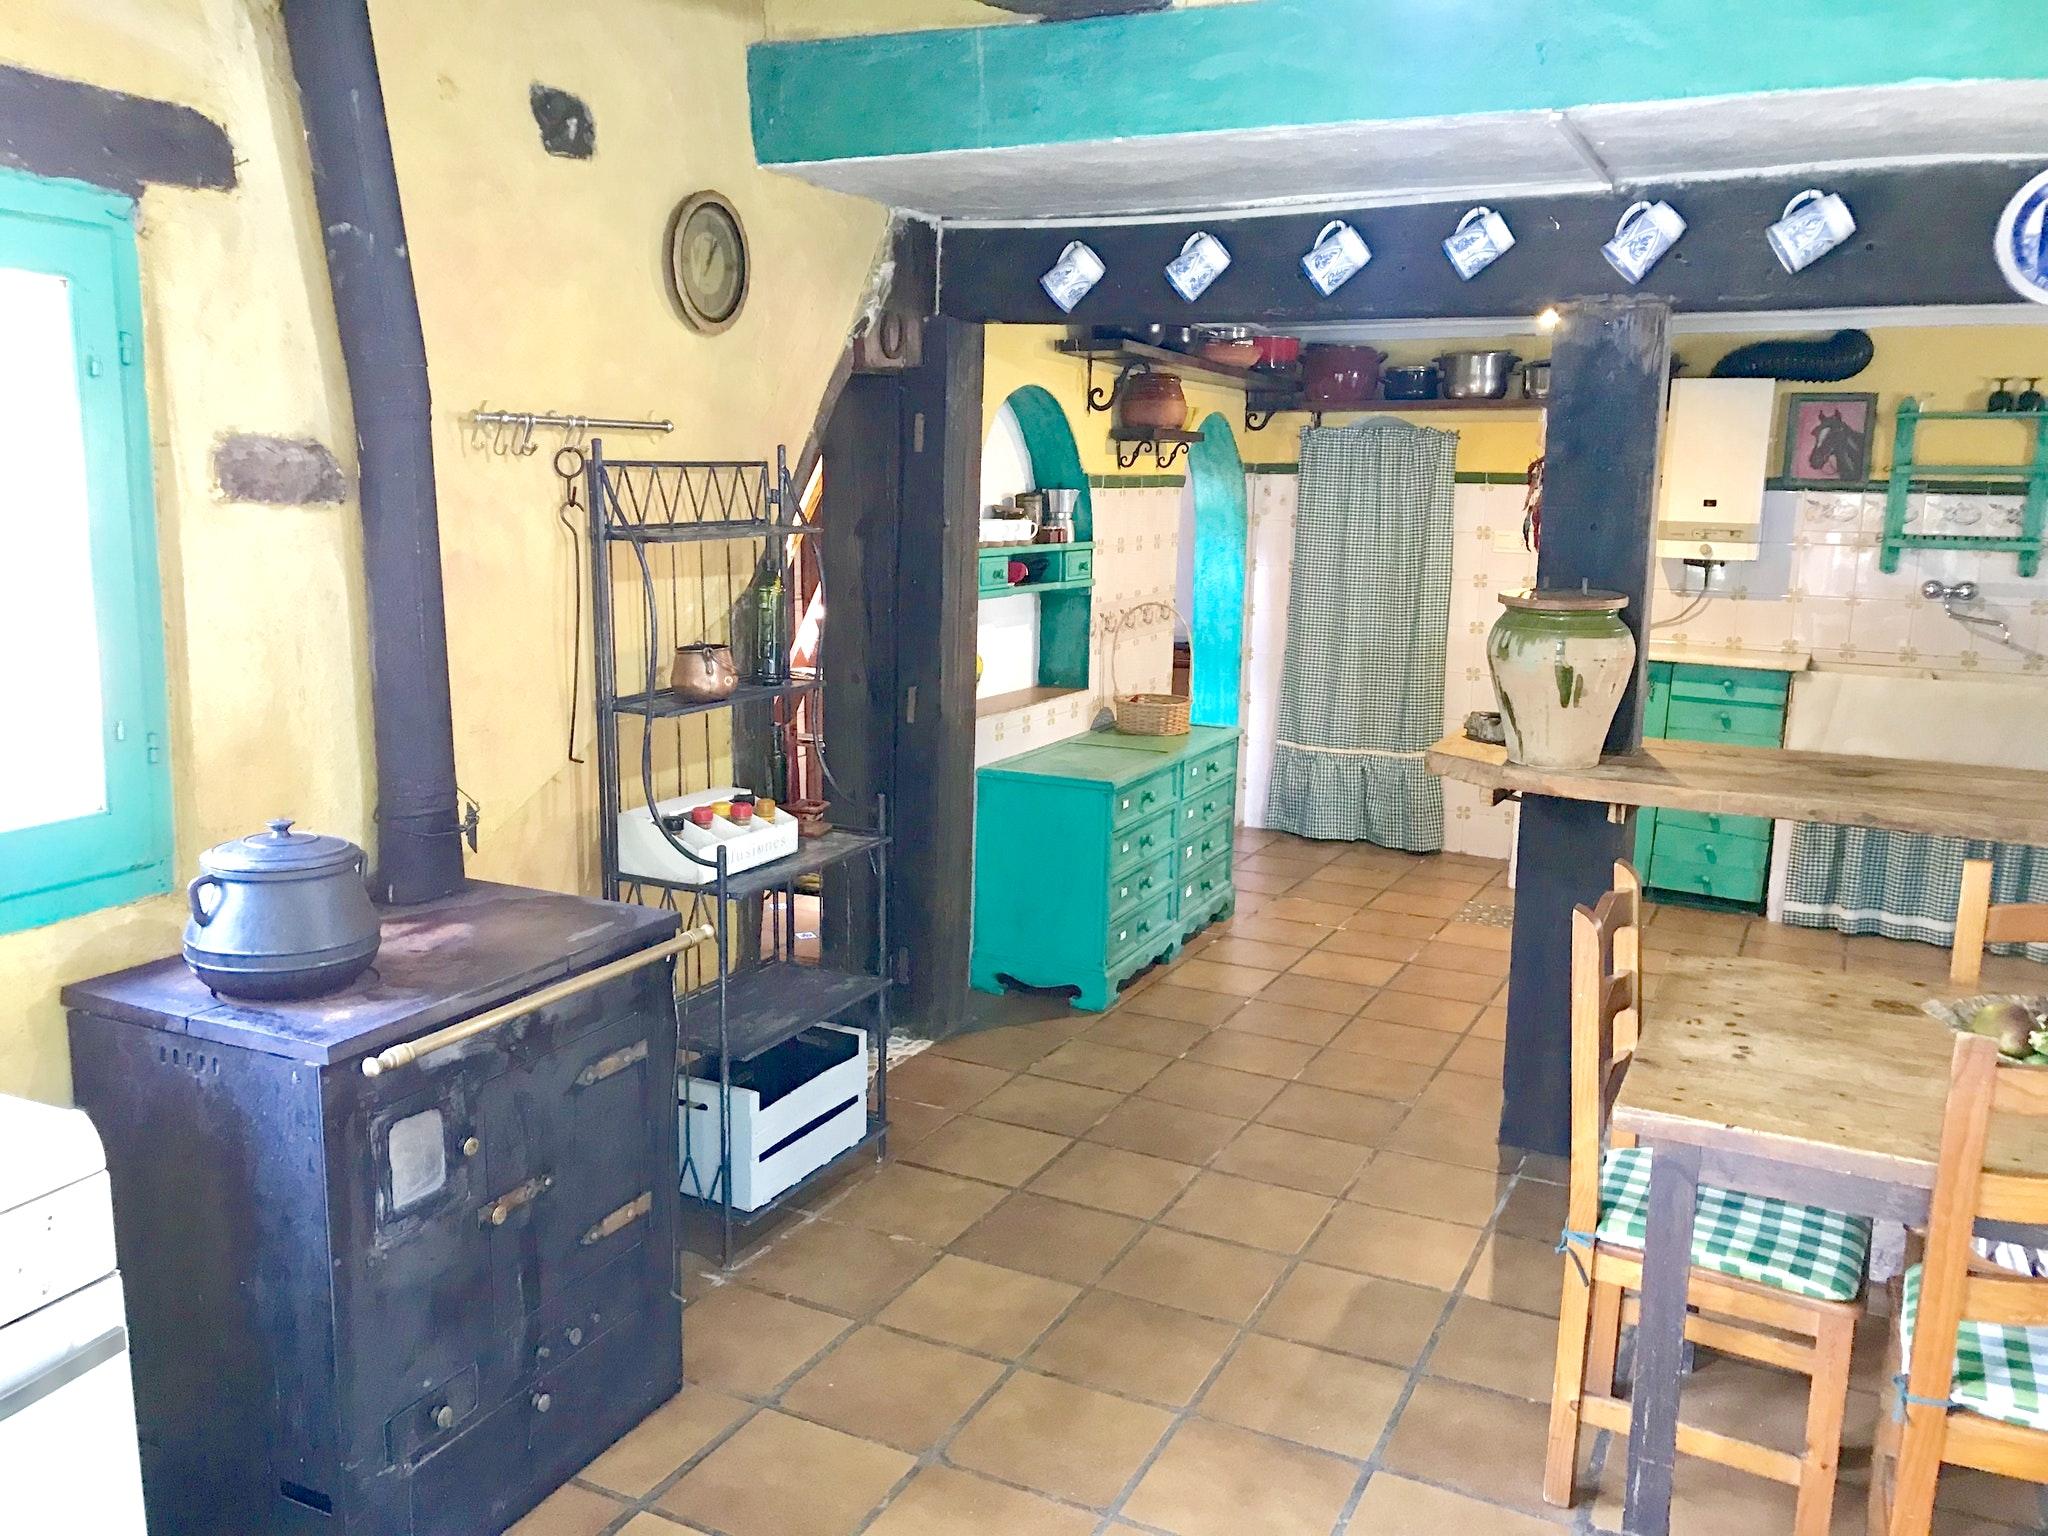 Maison de vacances Hütte mit 4 Schlafzimmern in Camarena de la Sierra mit toller Aussicht auf die Berge, priv (2474258), Camarena de la Sierra, Teruel, Aragon, Espagne, image 19